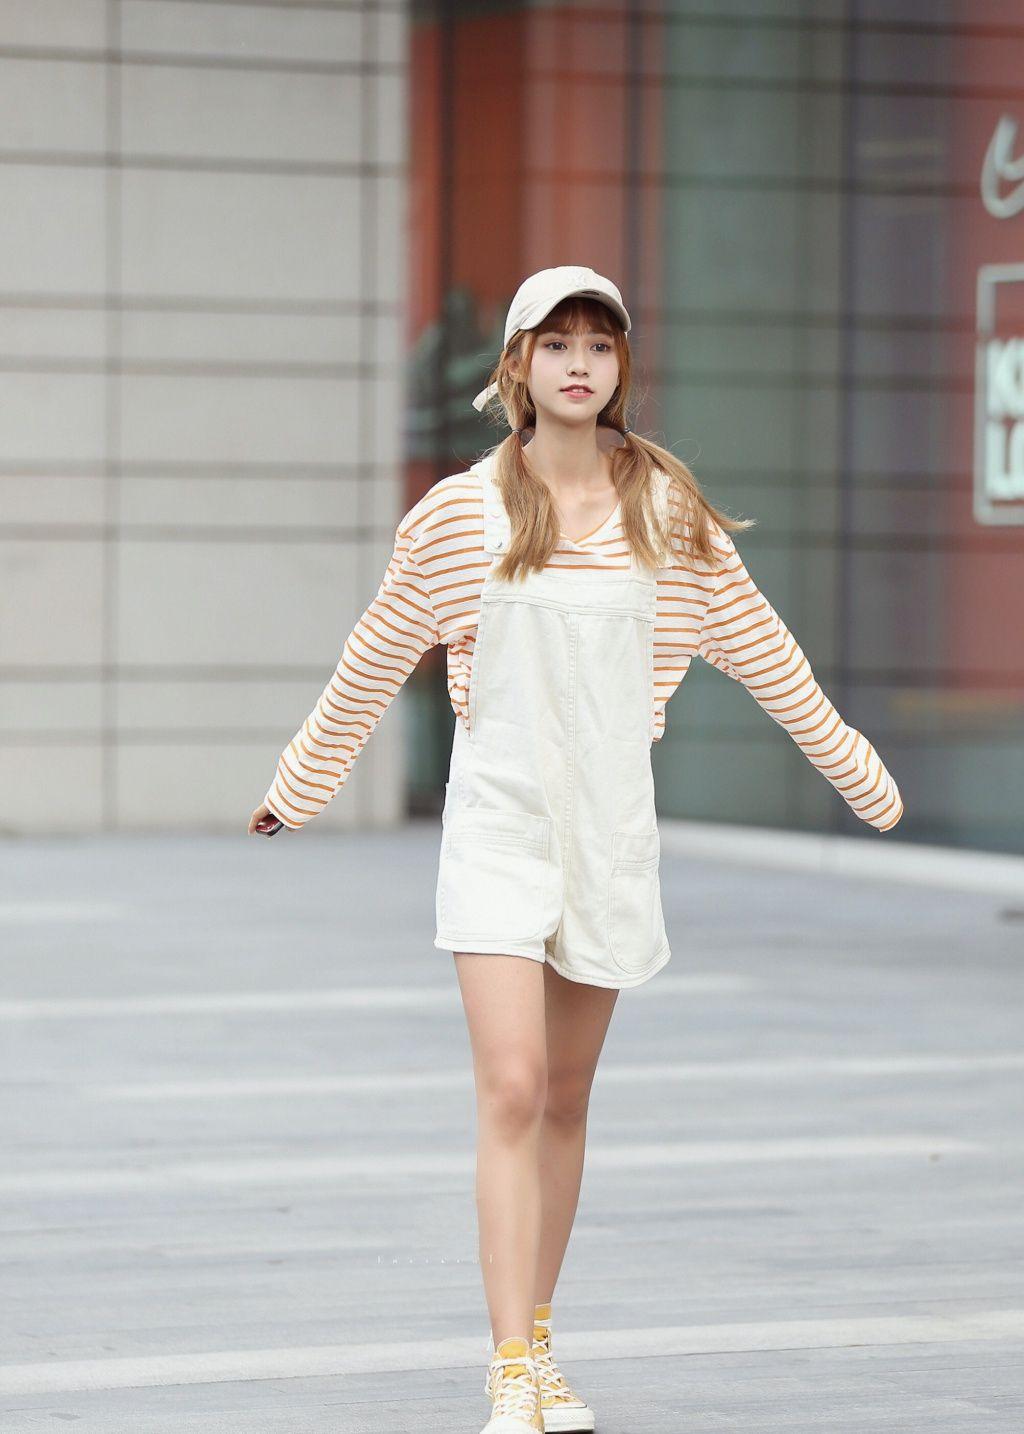 简单一点的装扮也是减龄的小妙招,美女现在的潮流就是简约范!